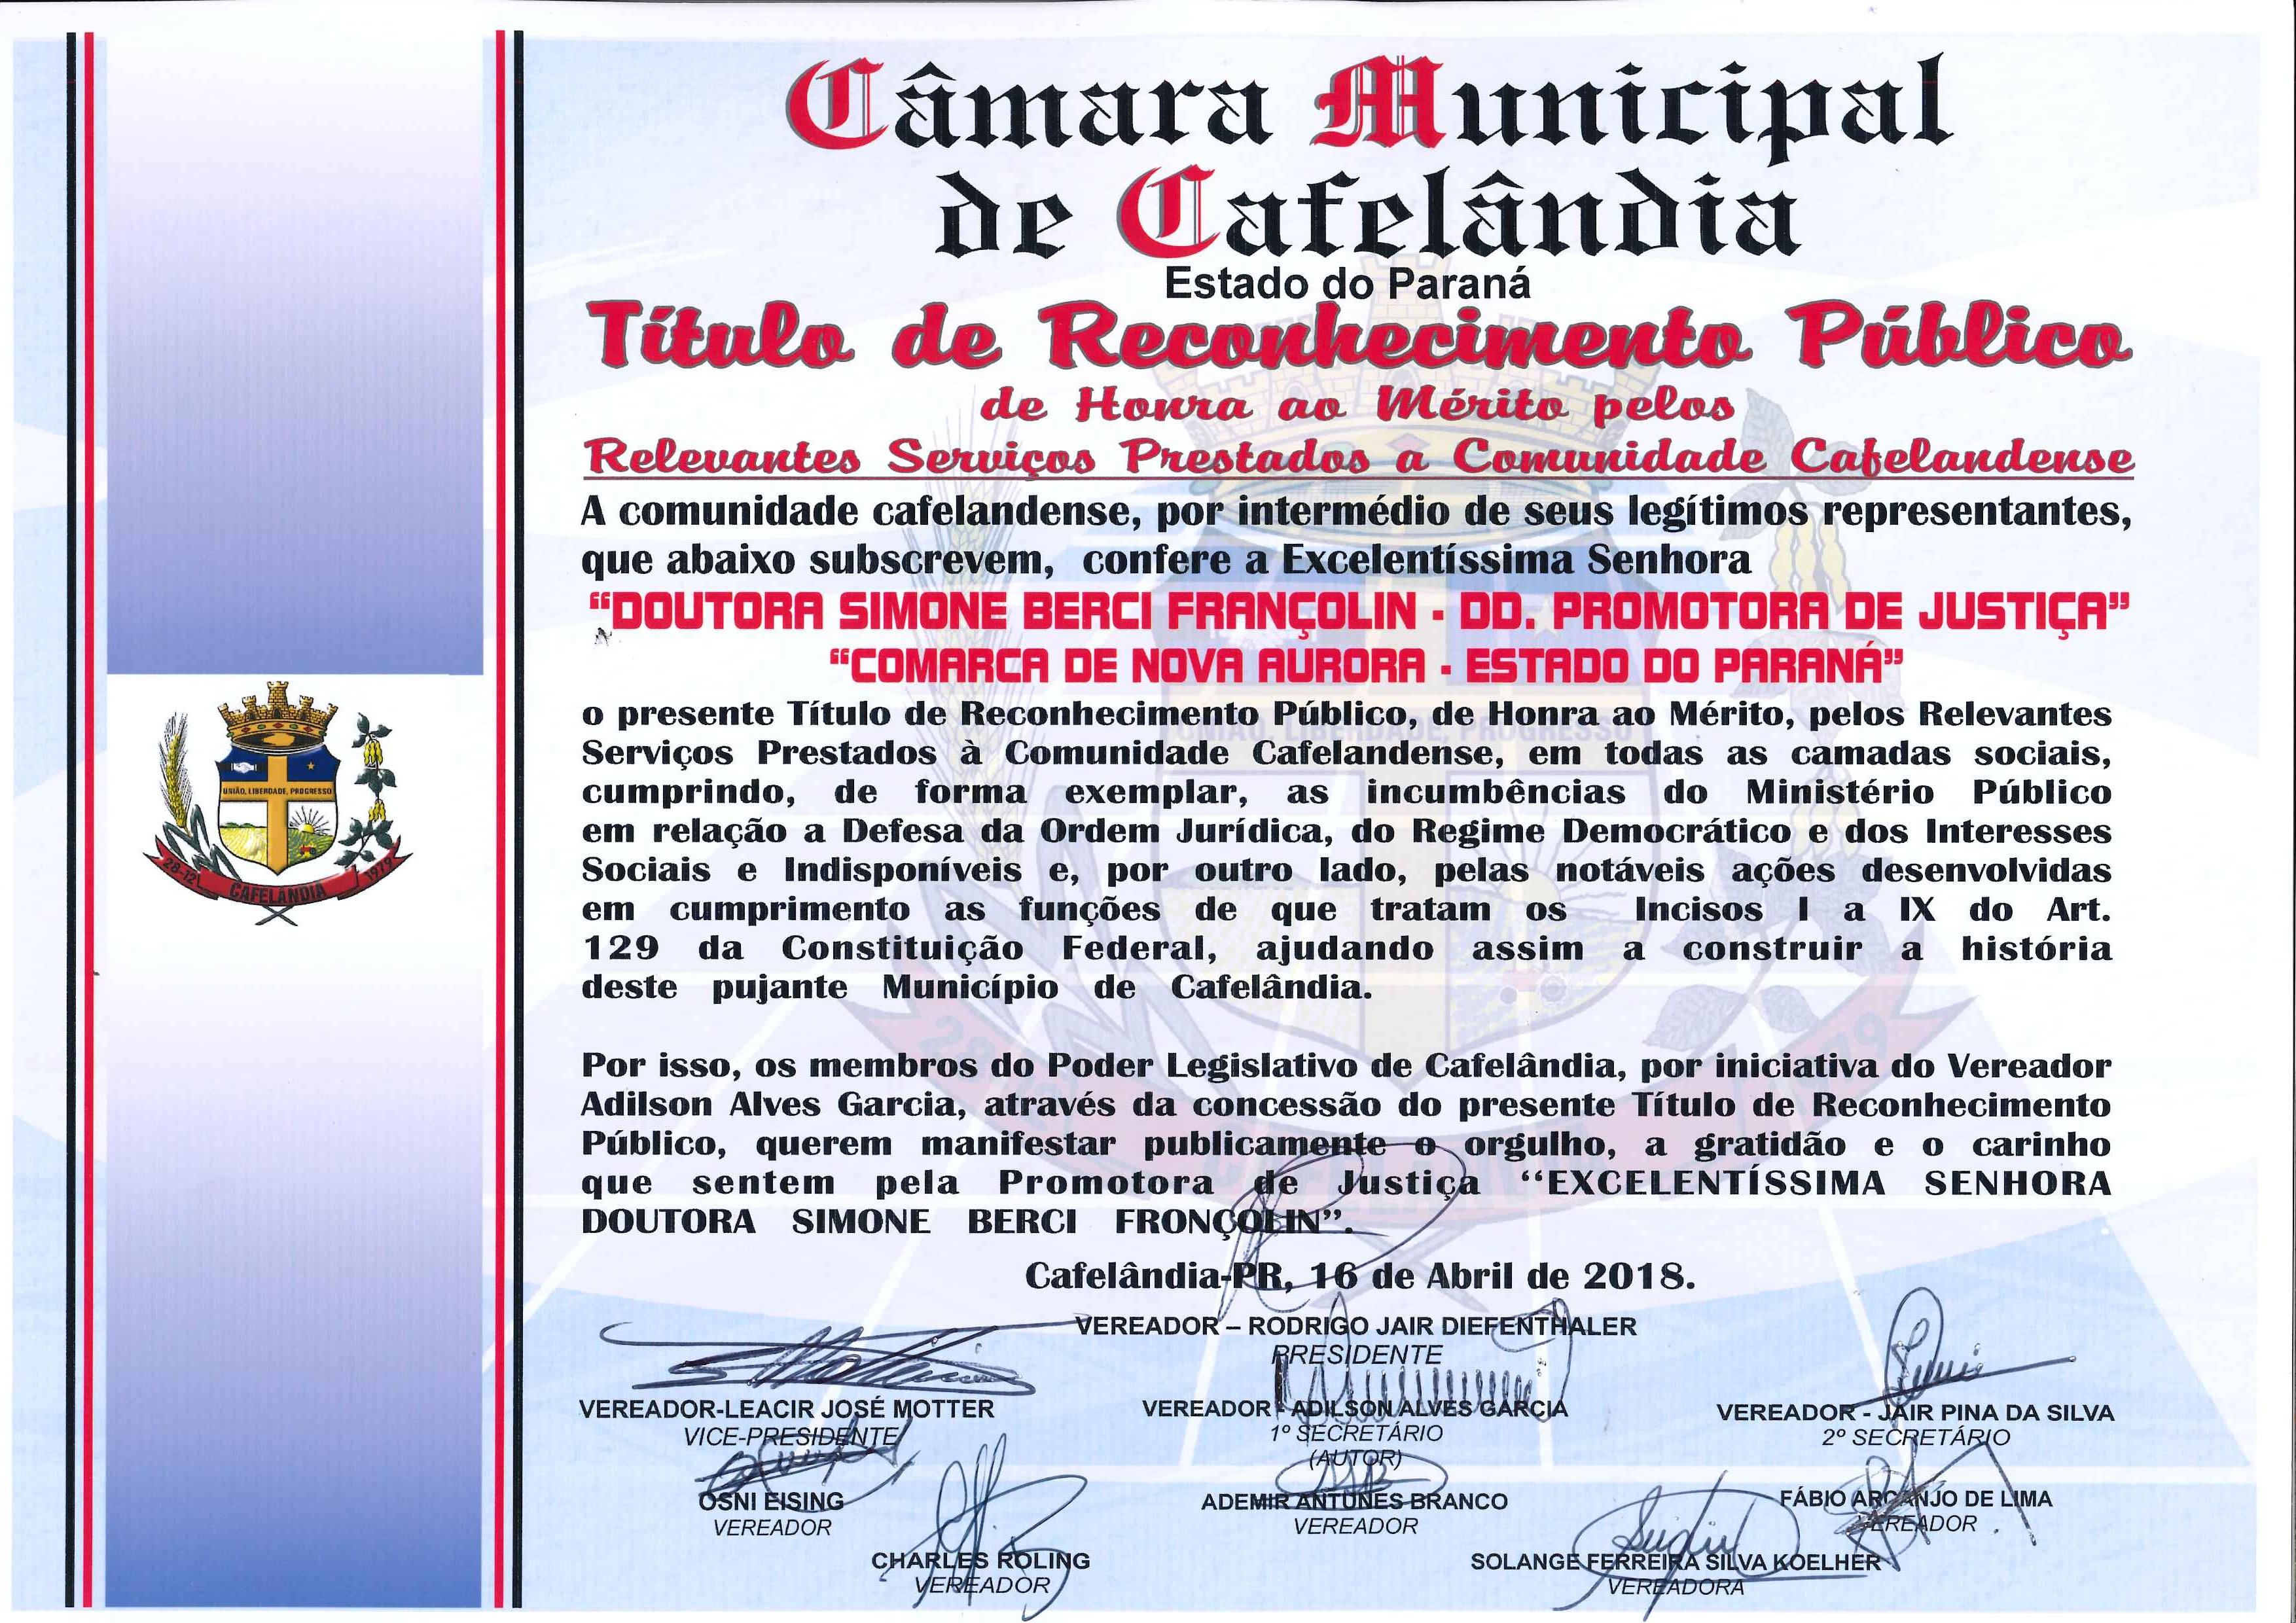 Câmara Municipal Concede o Título de Reconhecimento Público de Honra ao Mérito a Excelentíssima Senhora Doutora Simone Berci Françolin - DD. Promotora de Justiça da Comarca de Nova Aurora.